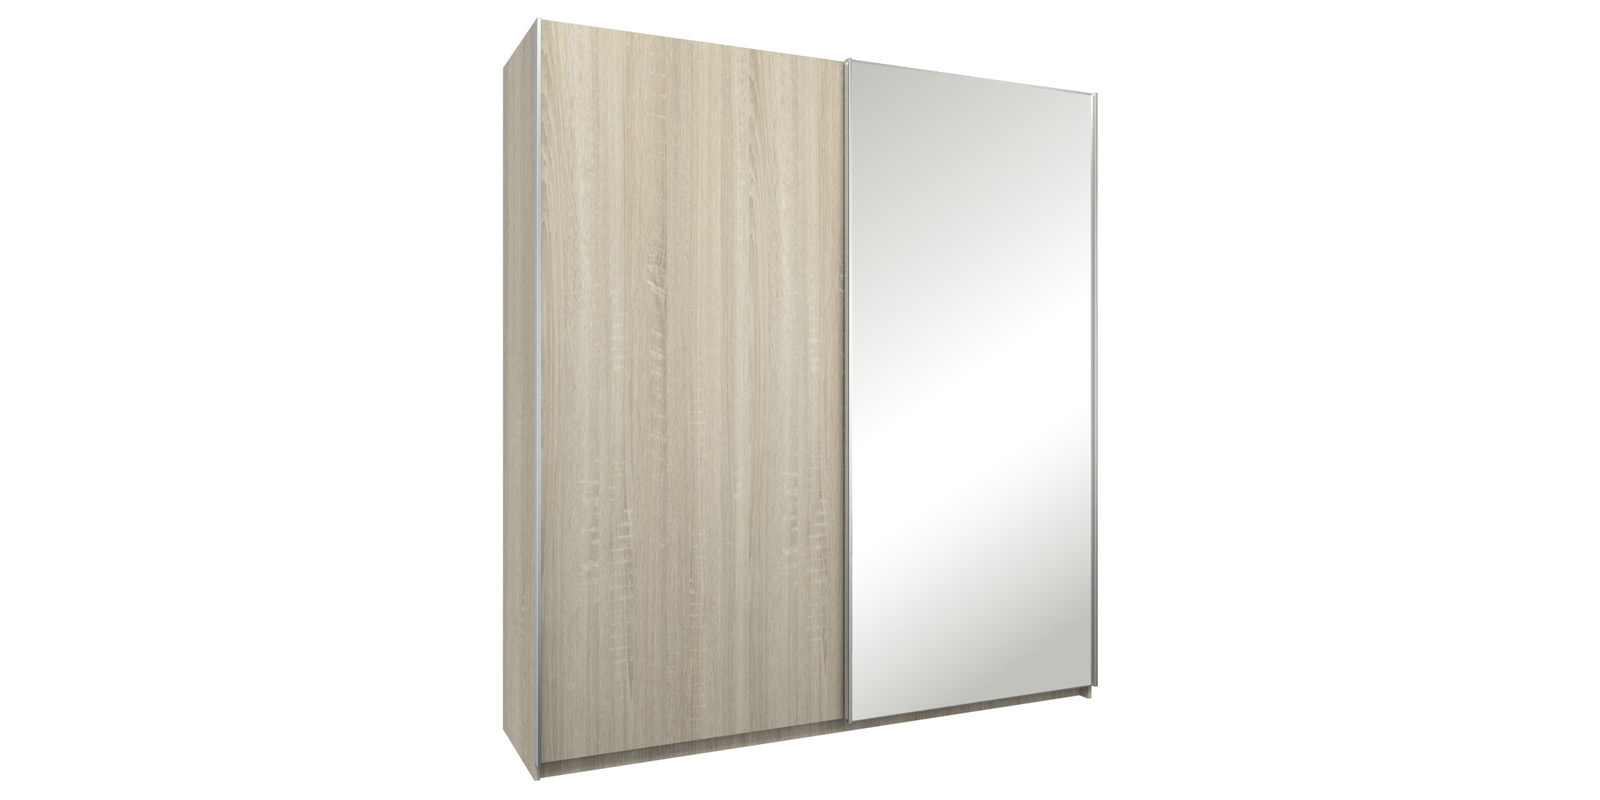 Шкаф-купе двухдверный Лофт 215 см (дуб сонома/зеркало)